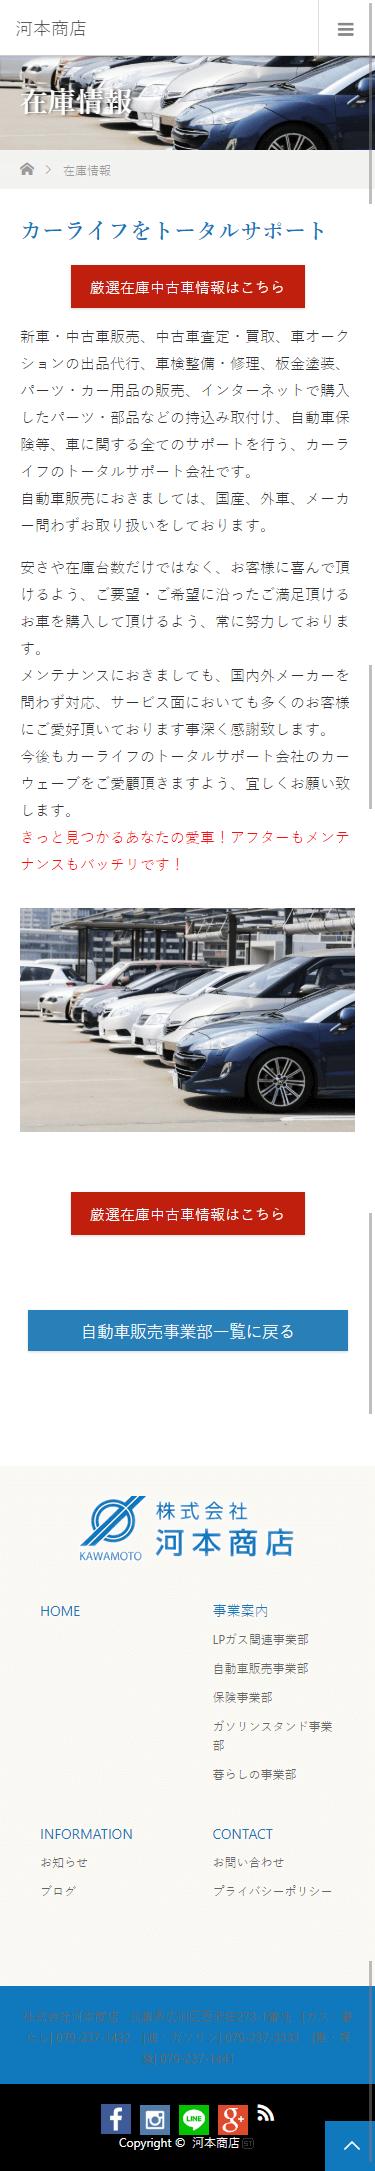 姫路市 株式会社河本商店 ホームページ制作4